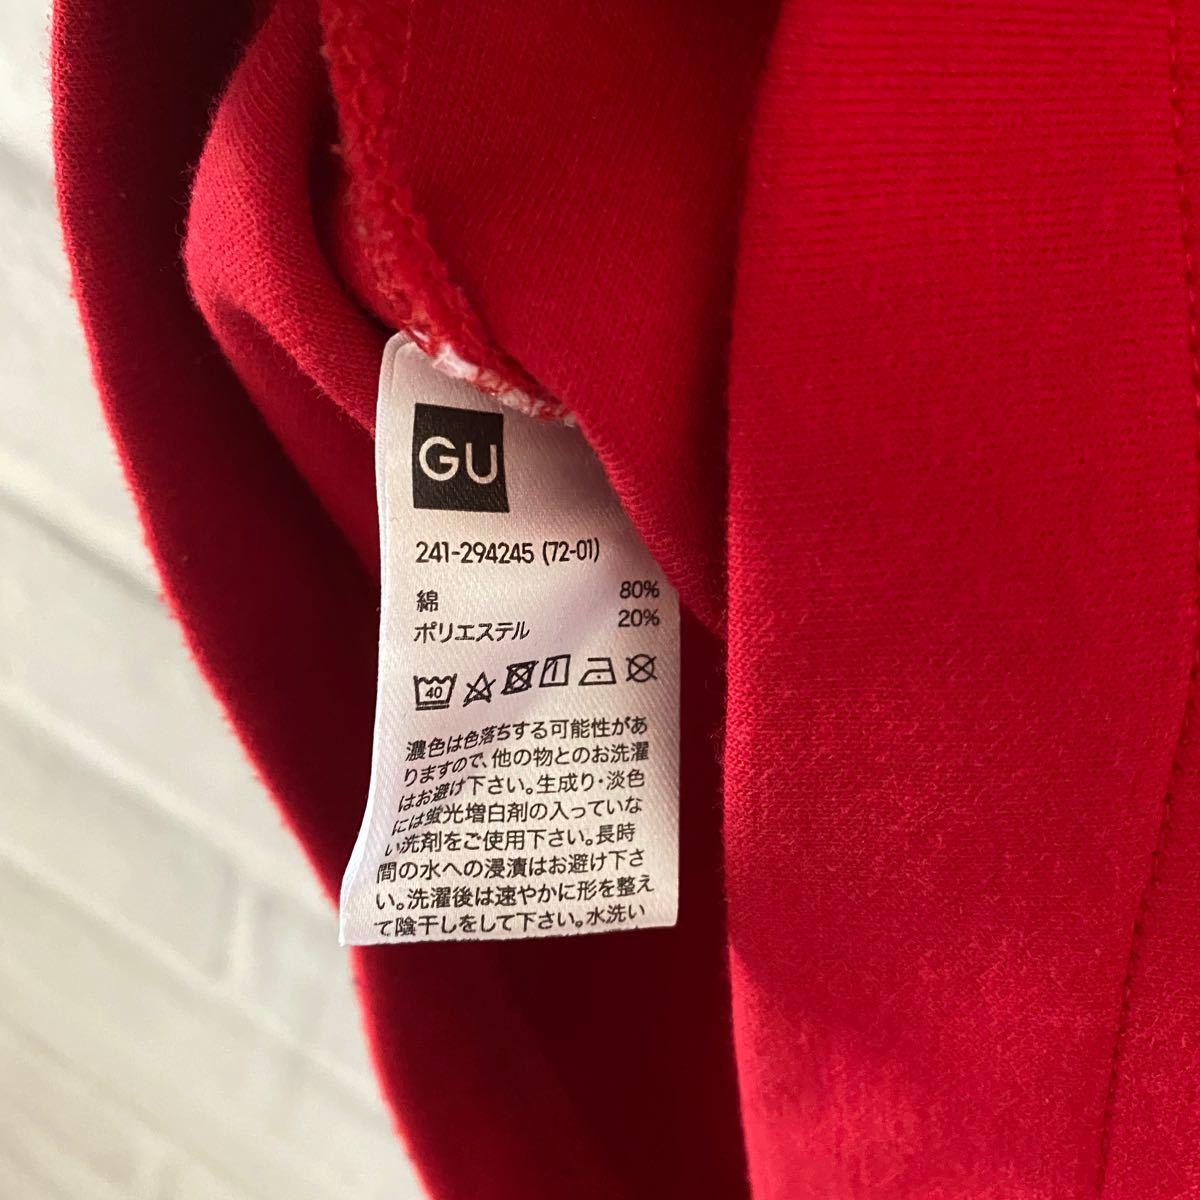 【お値下げ中】g uスェットTシャツトップス